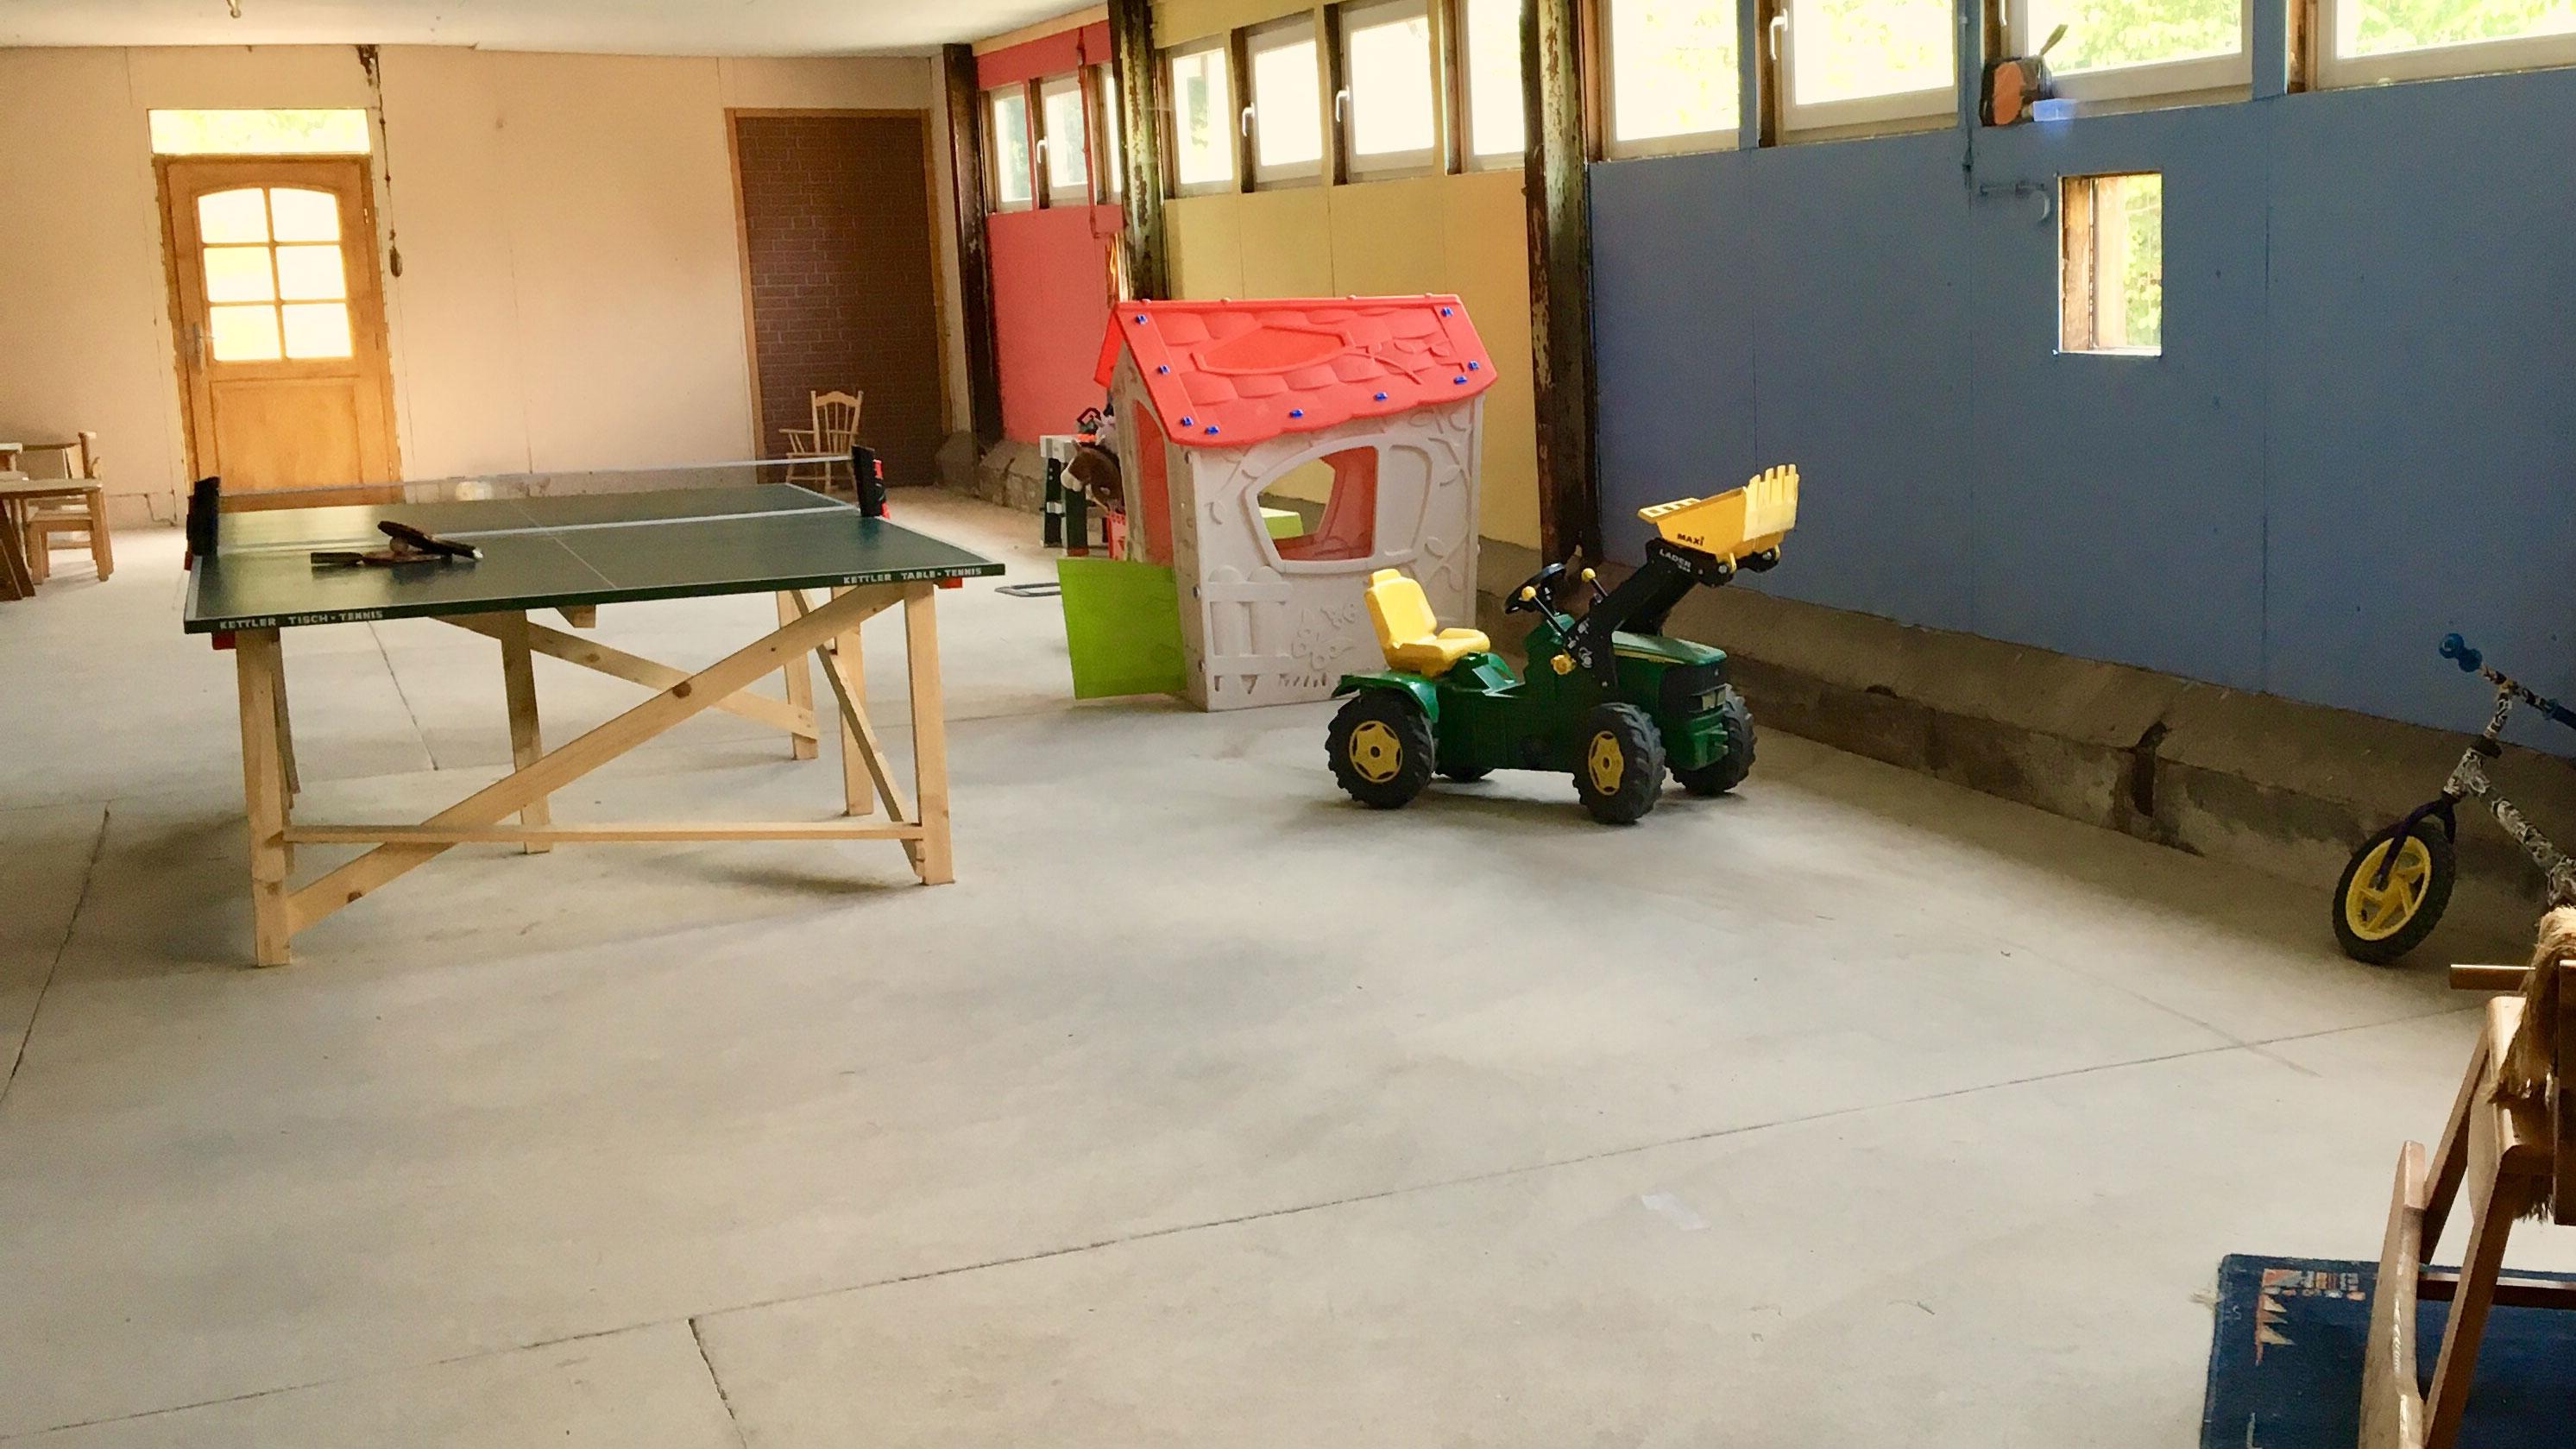 Spielhalle mit Fahrzeugen und Tischtennisplatte